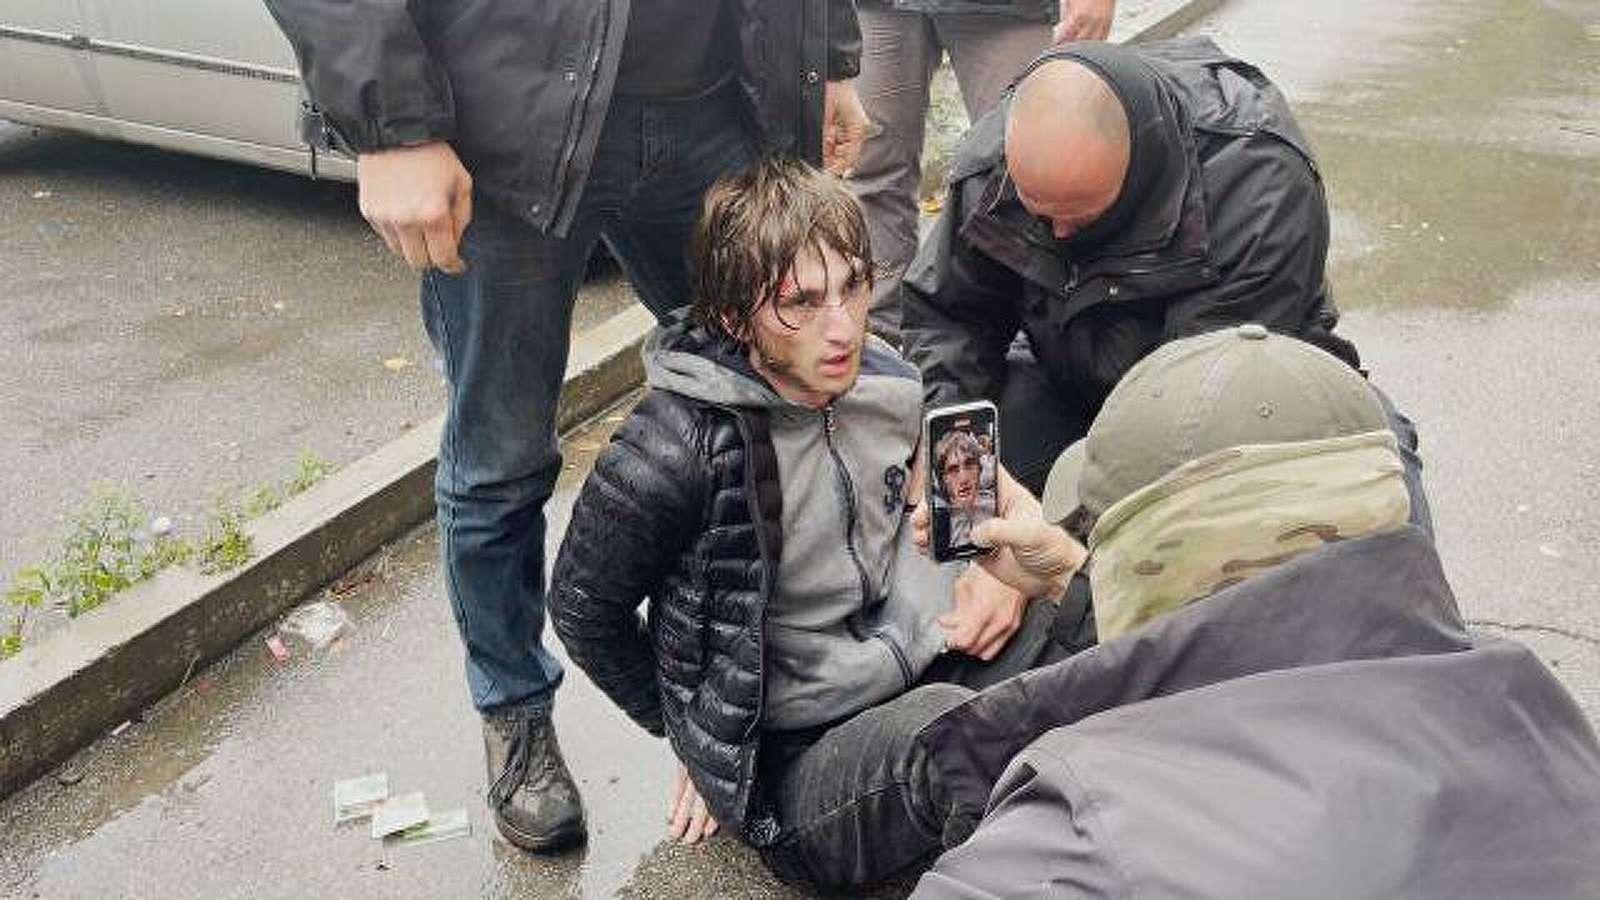 """السلطات الروسية تعلن اعتقال أحد عناصر """"داعش"""" حاول تفجير نفسه بمجموعة ضباط شرطة, صحيفة عربية -بروفايل نيوز"""